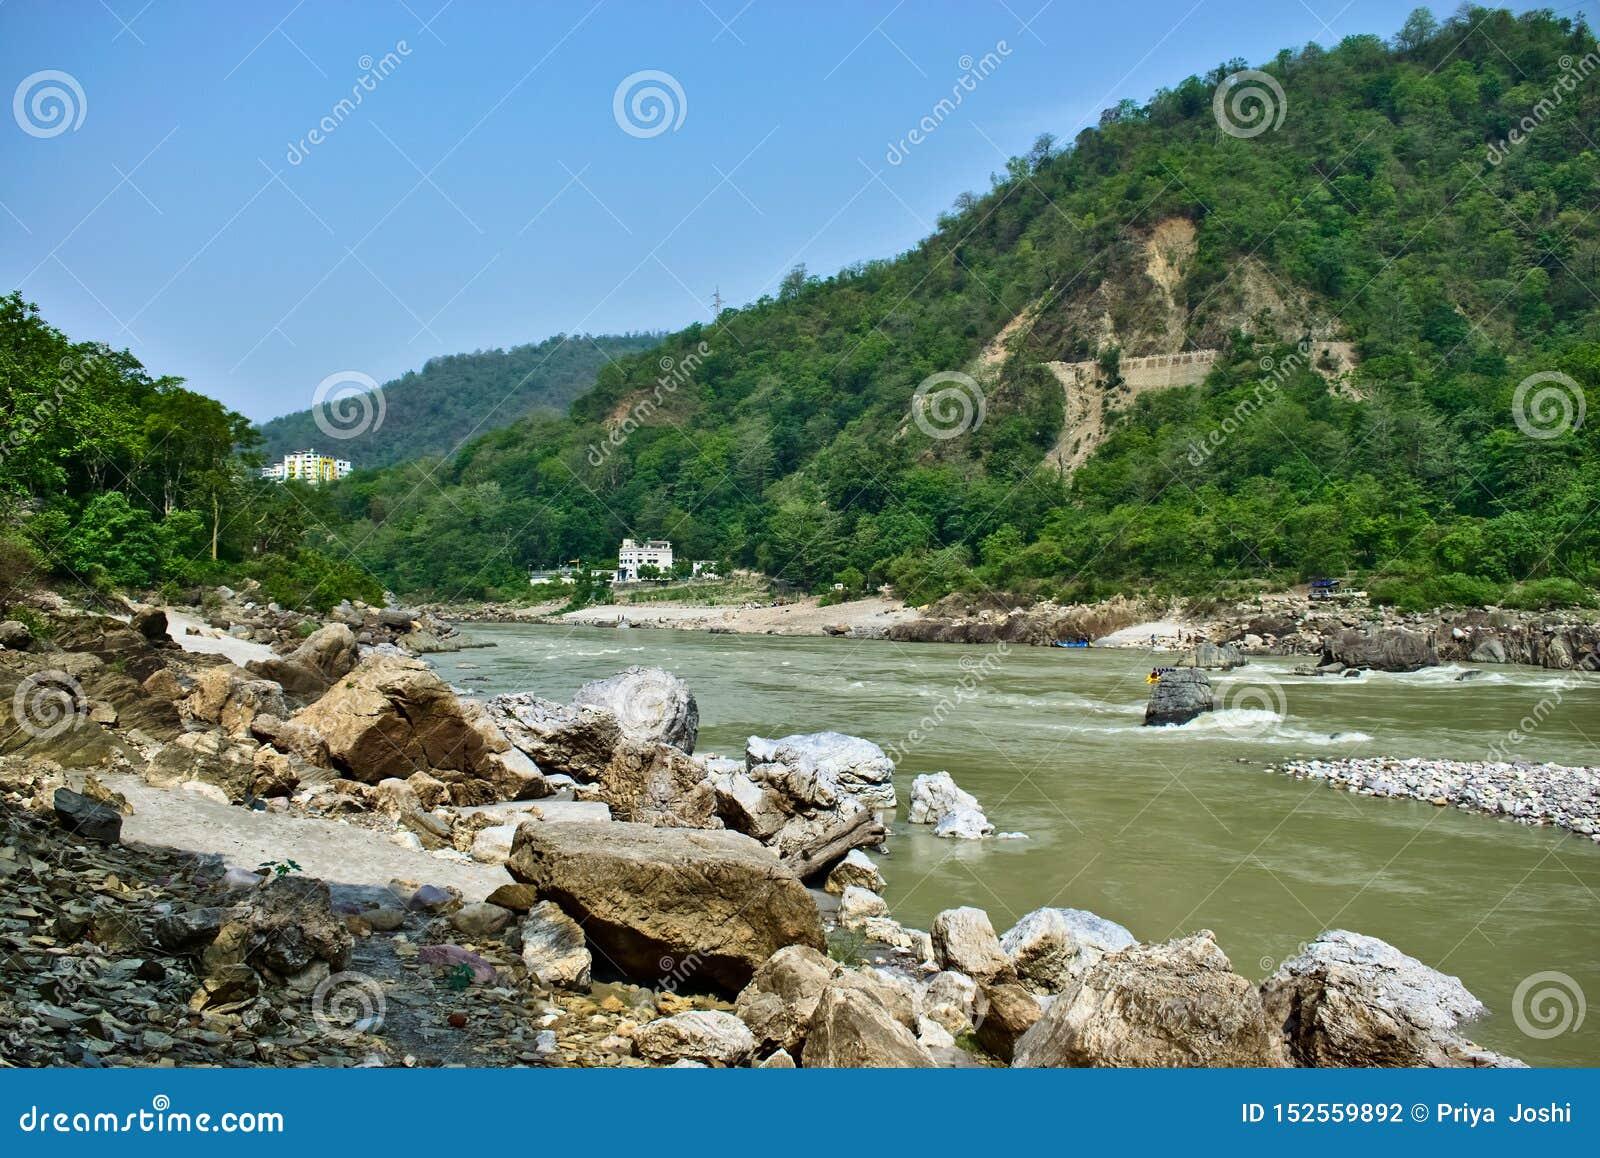 Schöner Fluss mit Bergen im Hintergrund und bunten Häusern in den Seiten des Flusses Rishikesh eine schöne Stadt in Indi